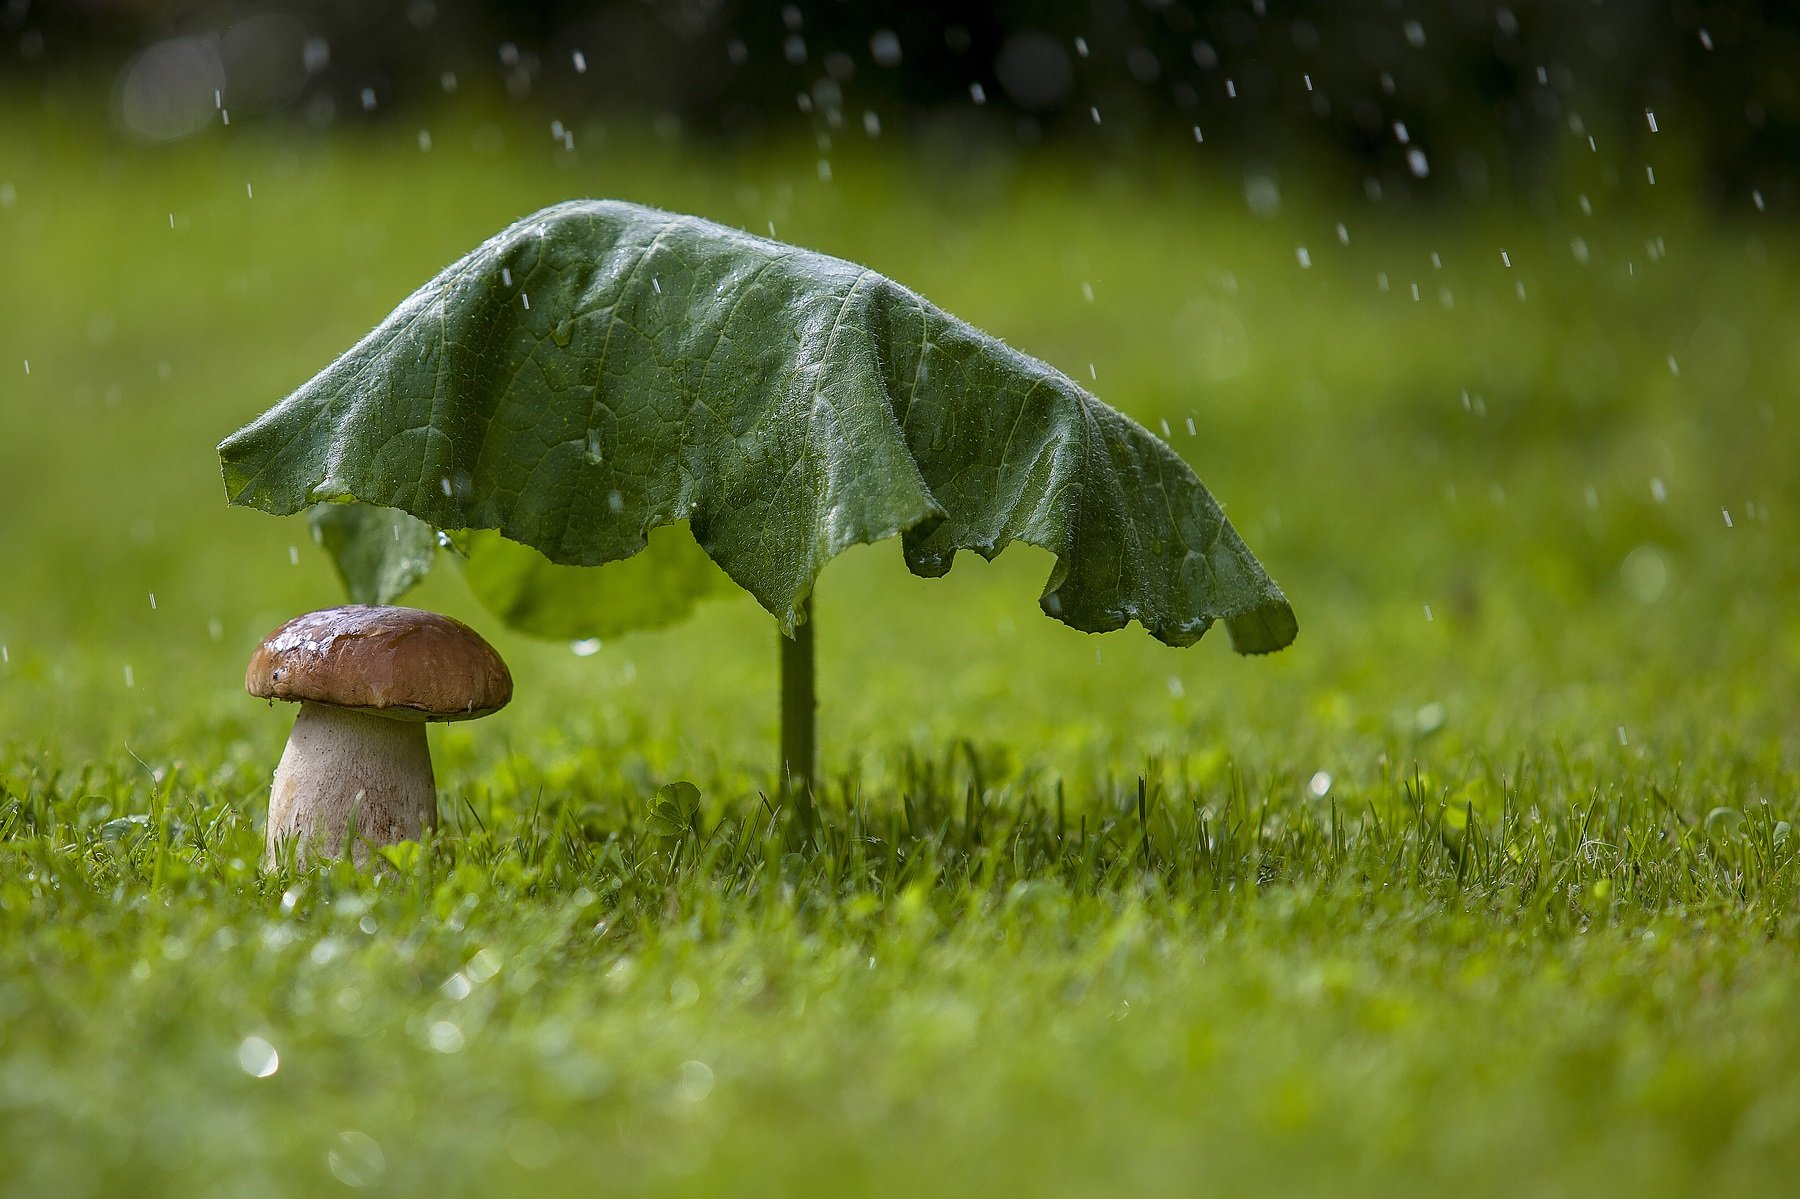 В Україні різко похолодає: атмосферний фронт принесе дощі і зниження температури до +19